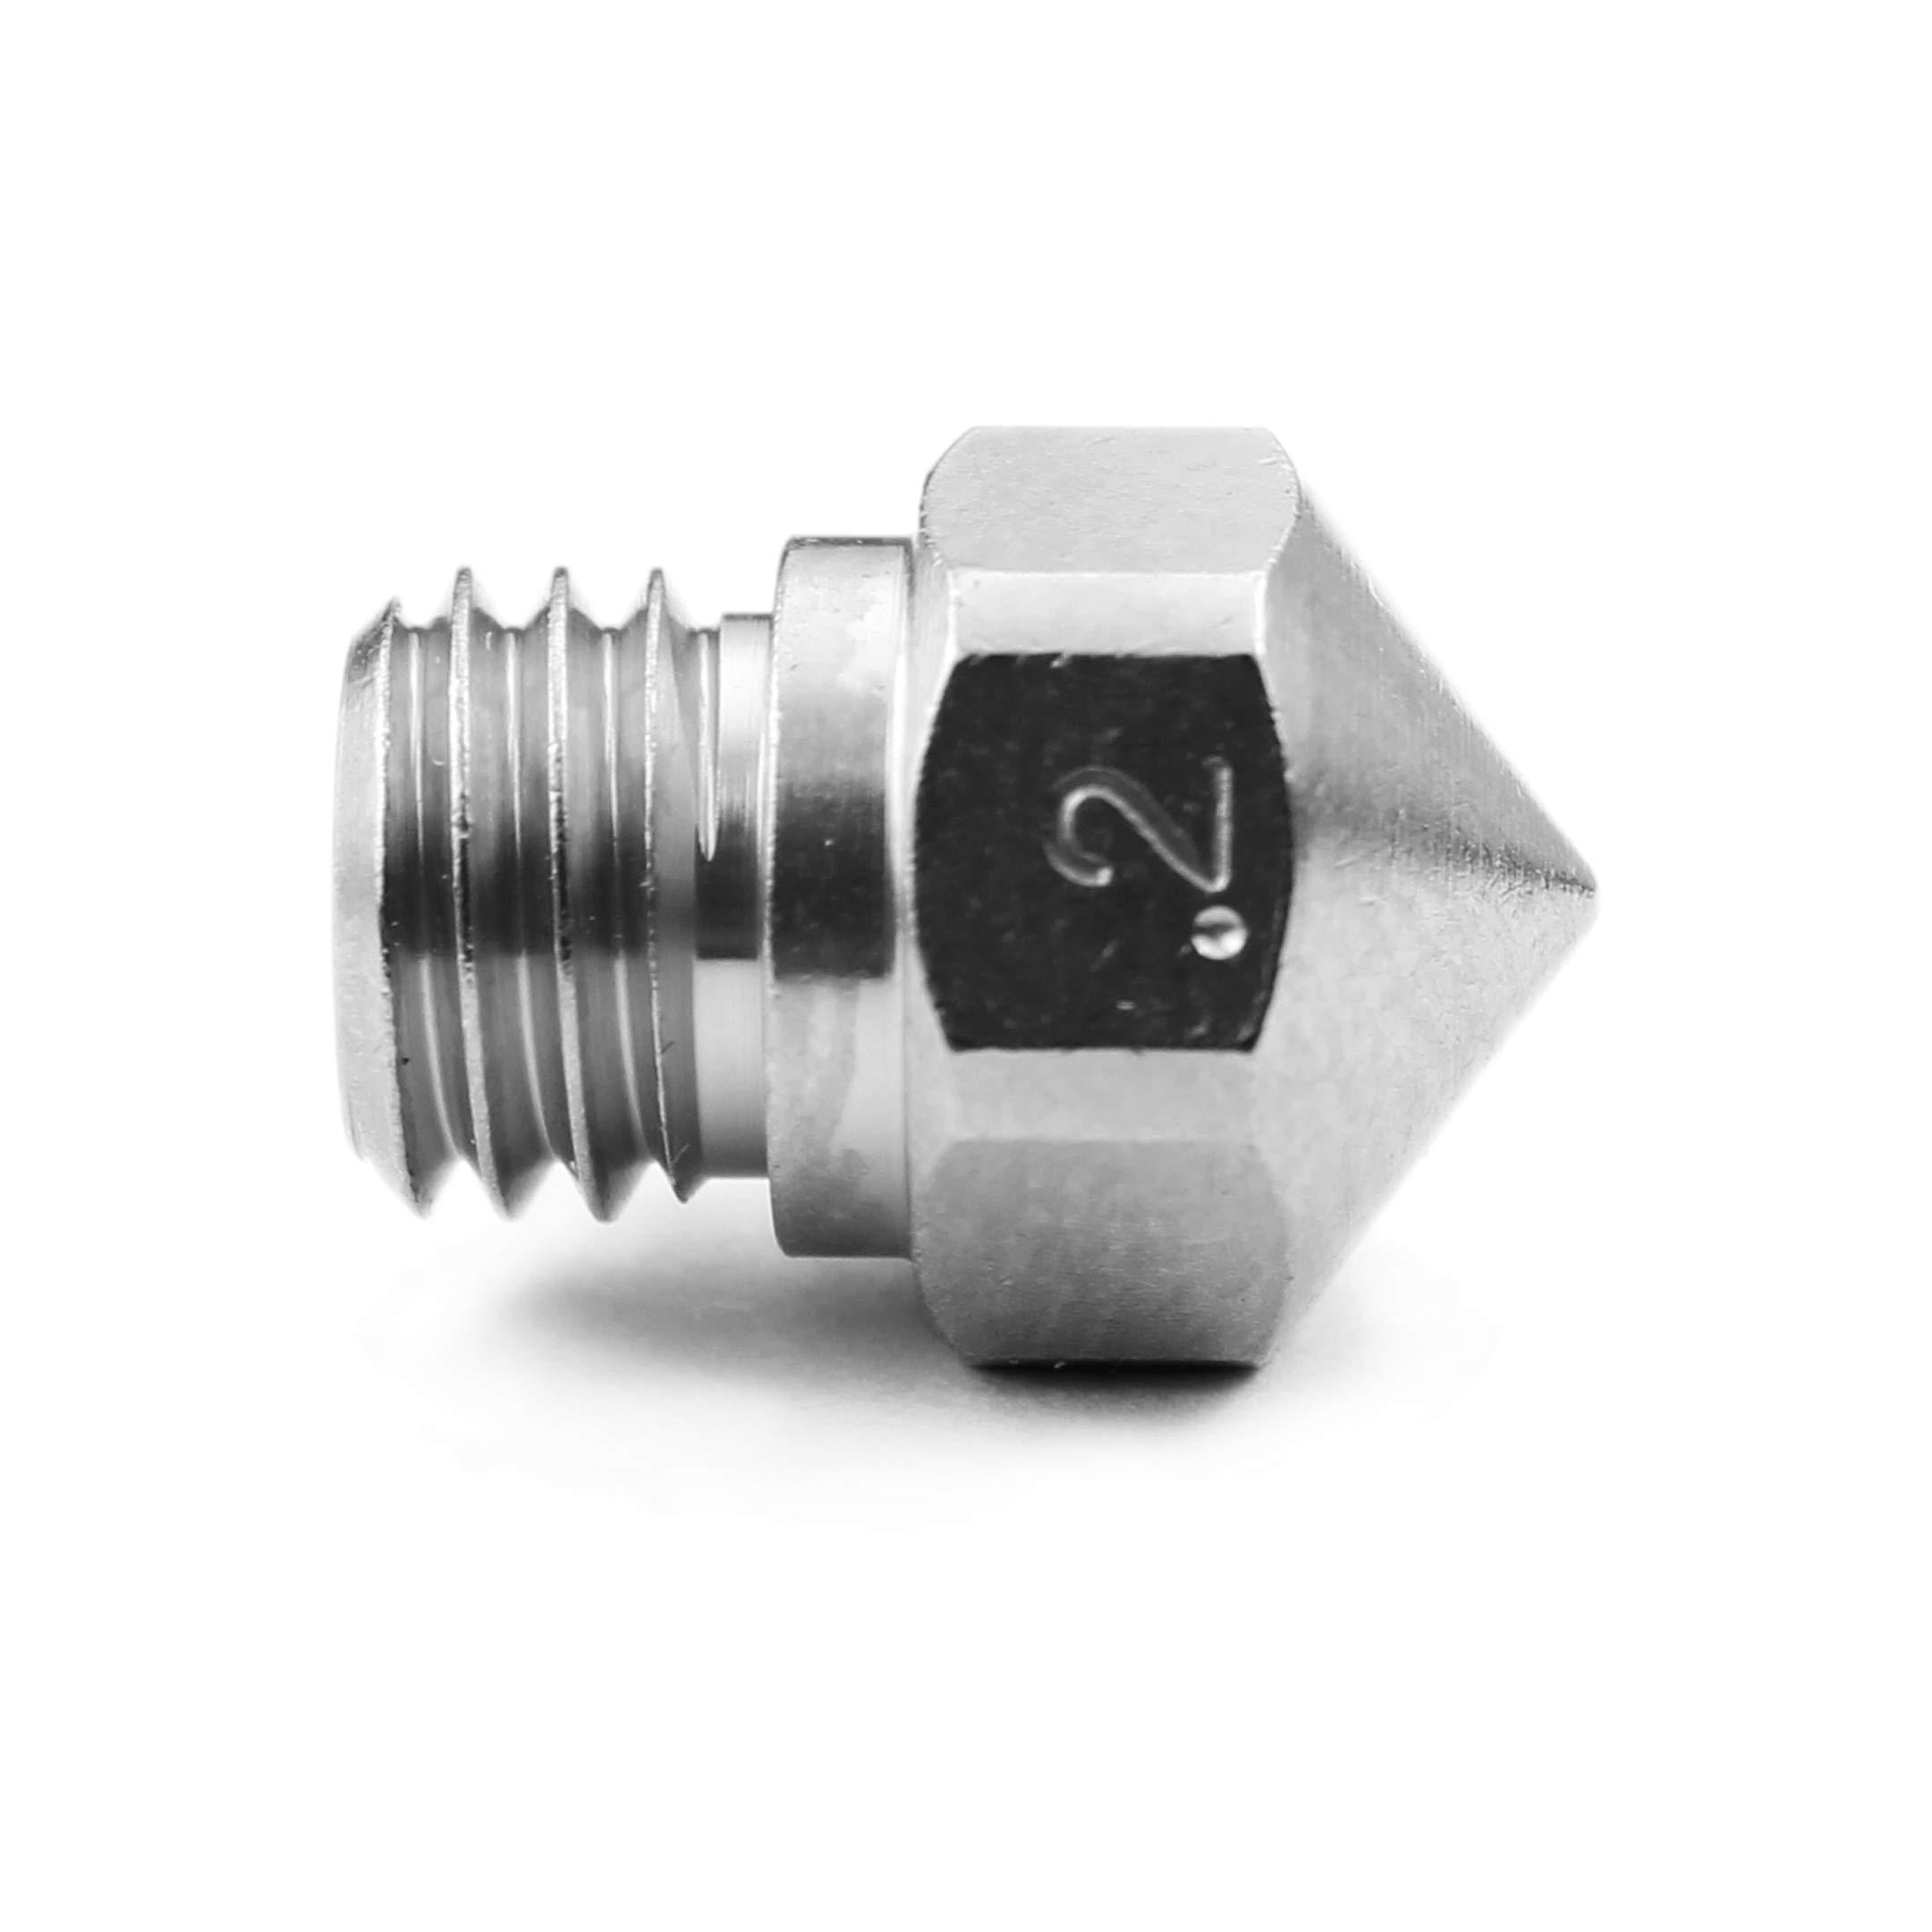 .2mm Boquilla para Micro Swiss MK10 Kit de actualización de